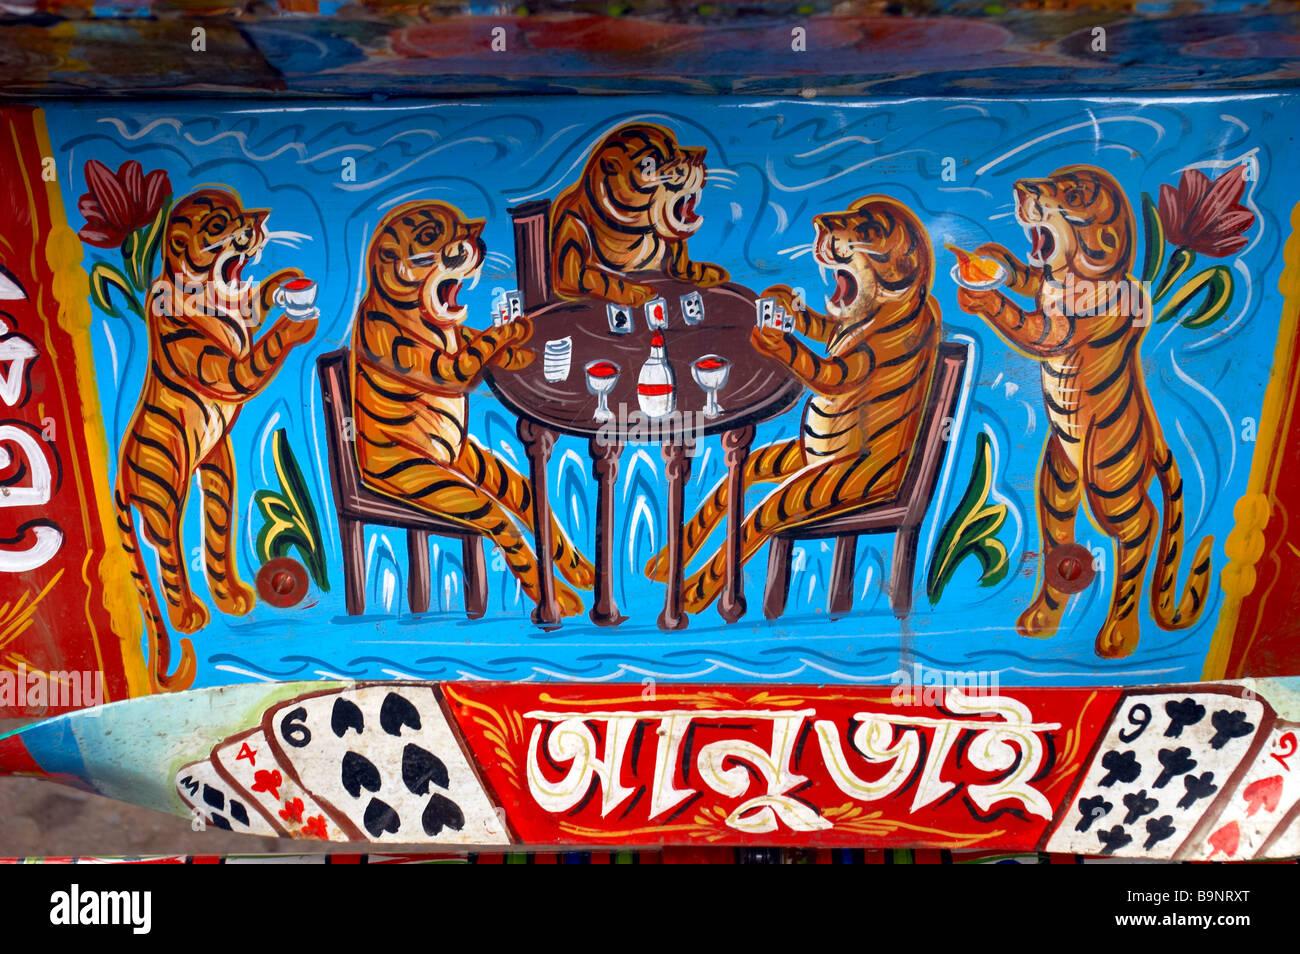 Tiger gambling am shocked discover gambling